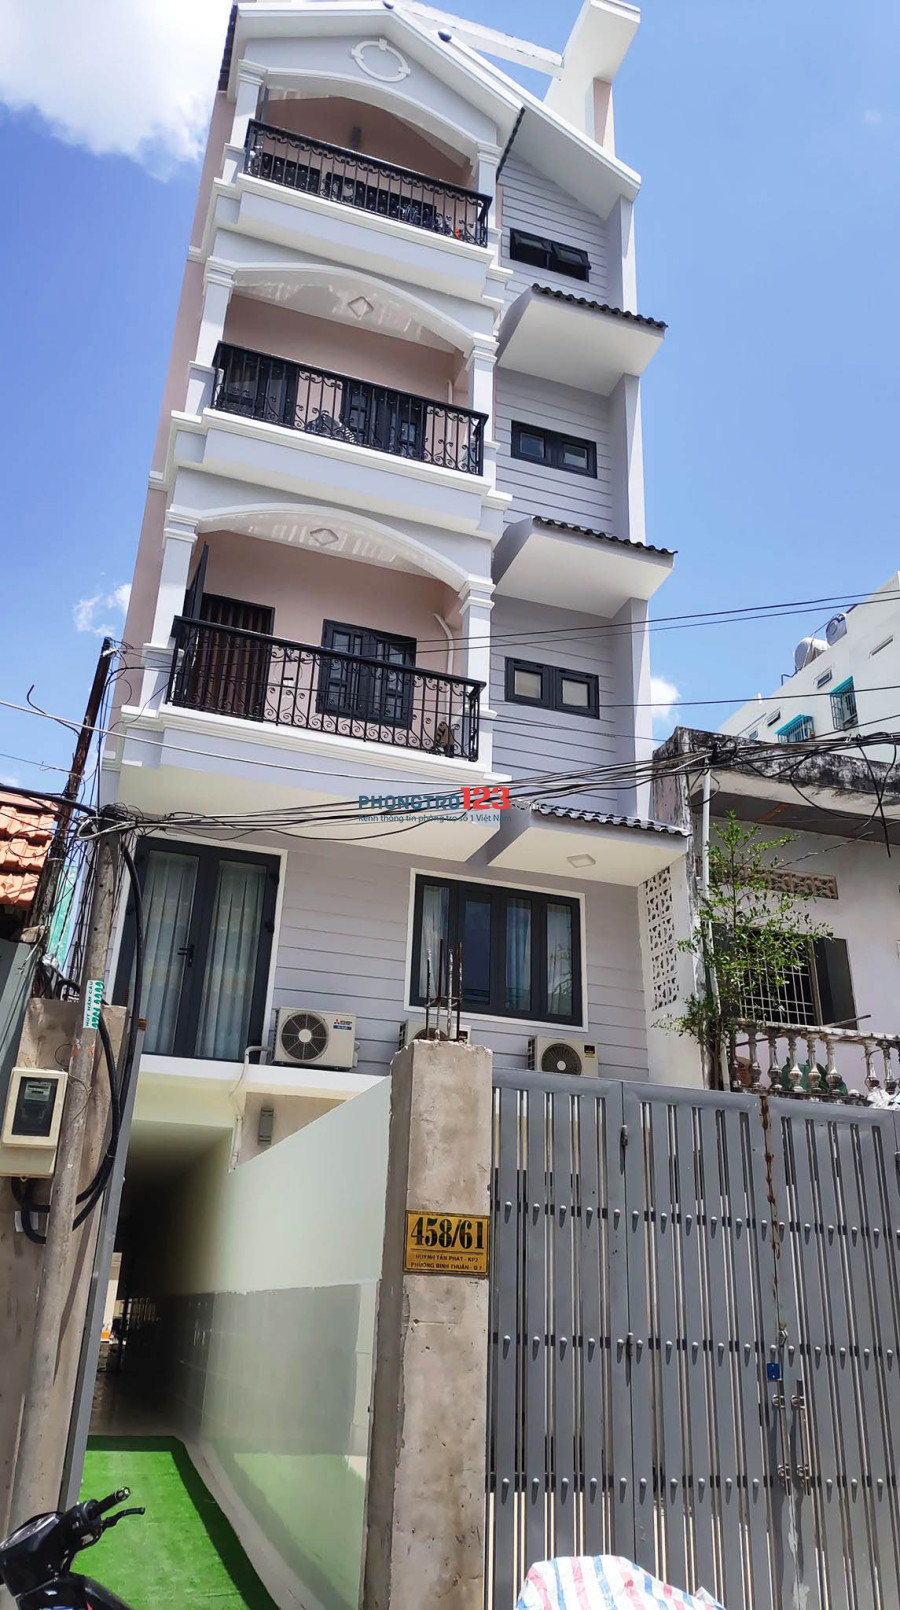 Gấp! Cho thuê phòng trọ có gác 28m2 - 2.8 triệu mới tinh 100% 458 Huỳnh Tấn Phát Quận 7